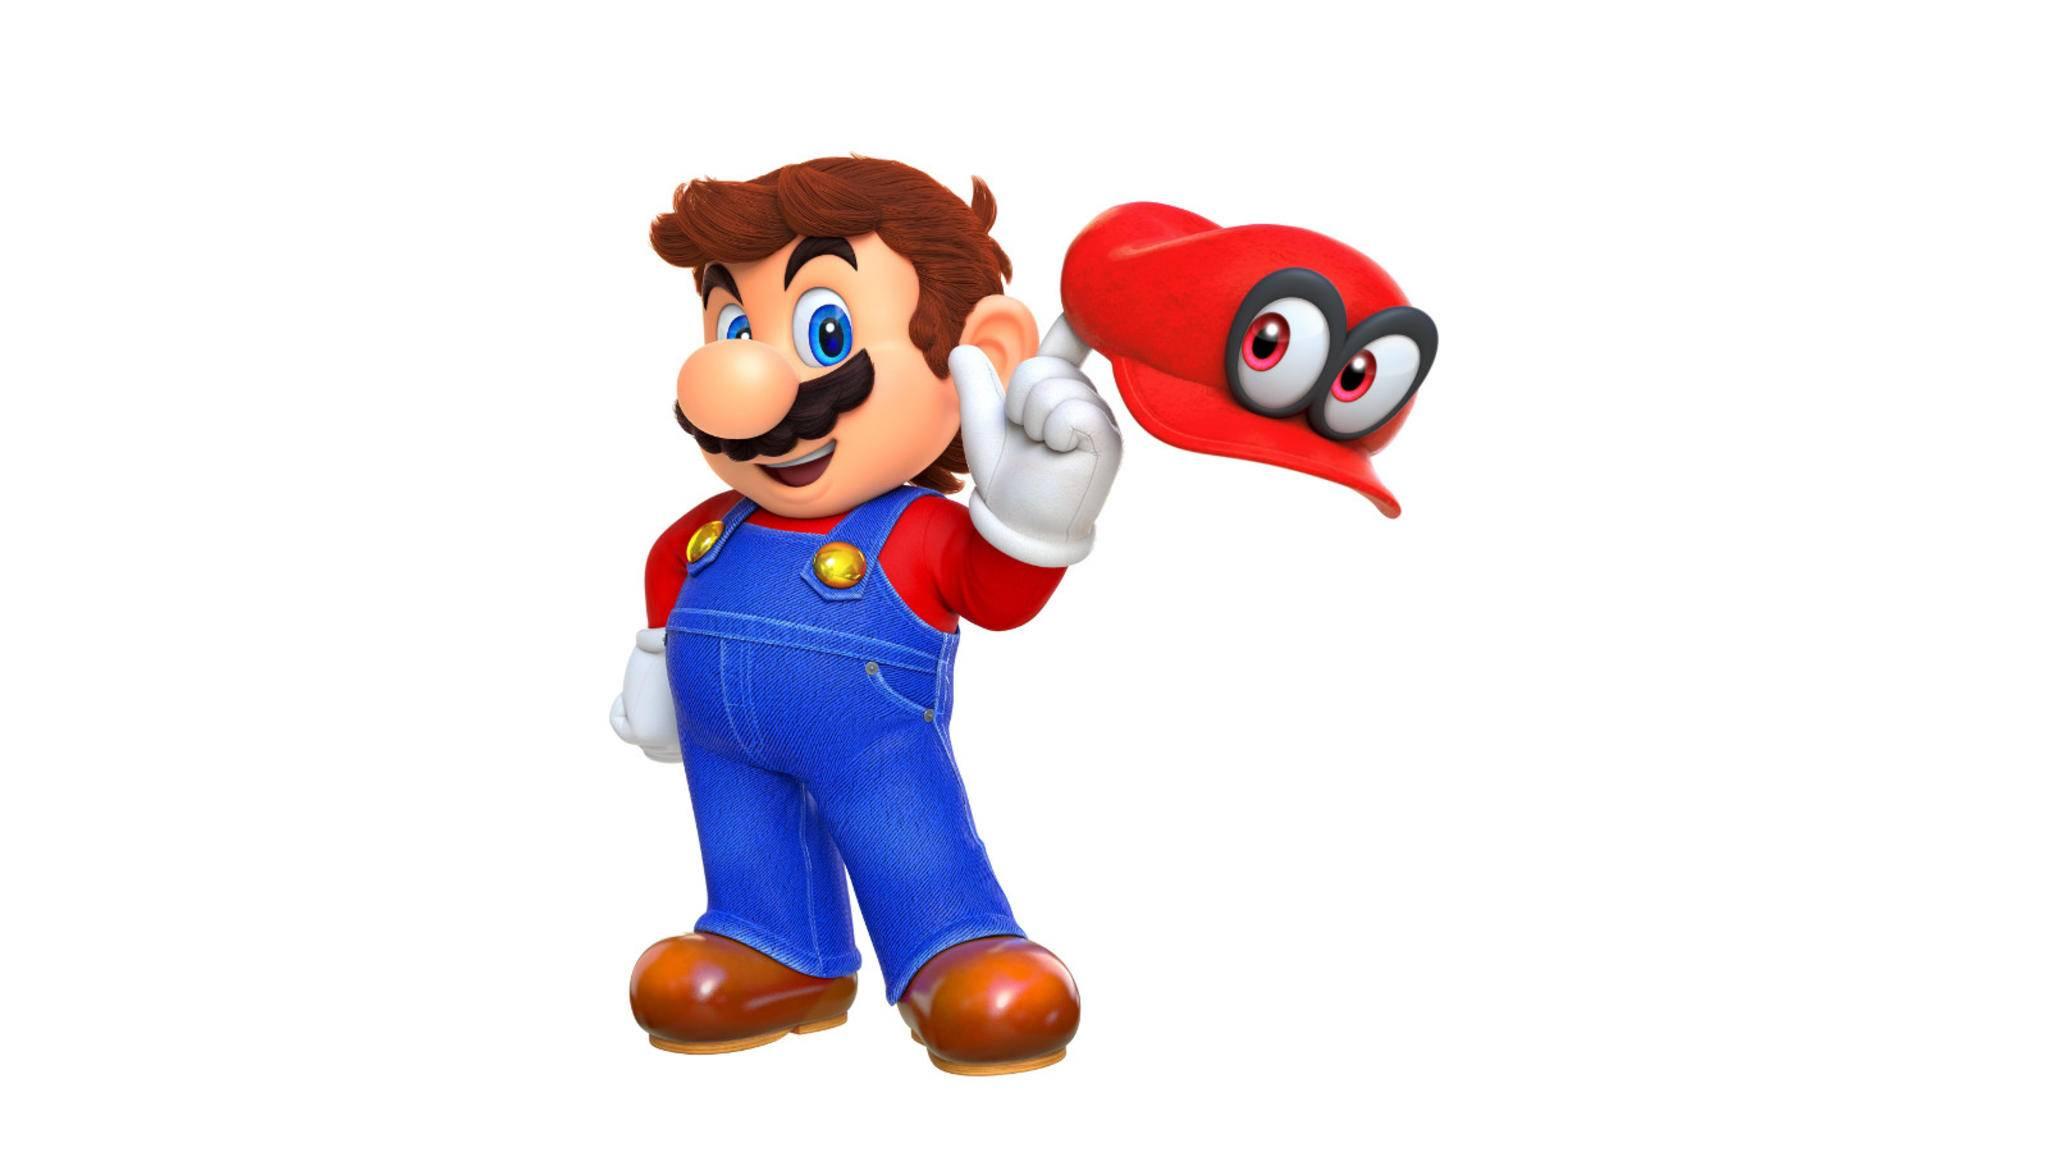 Du willst Mario ohne Haare sehen? Dann trau Dich und scroll nach unten!